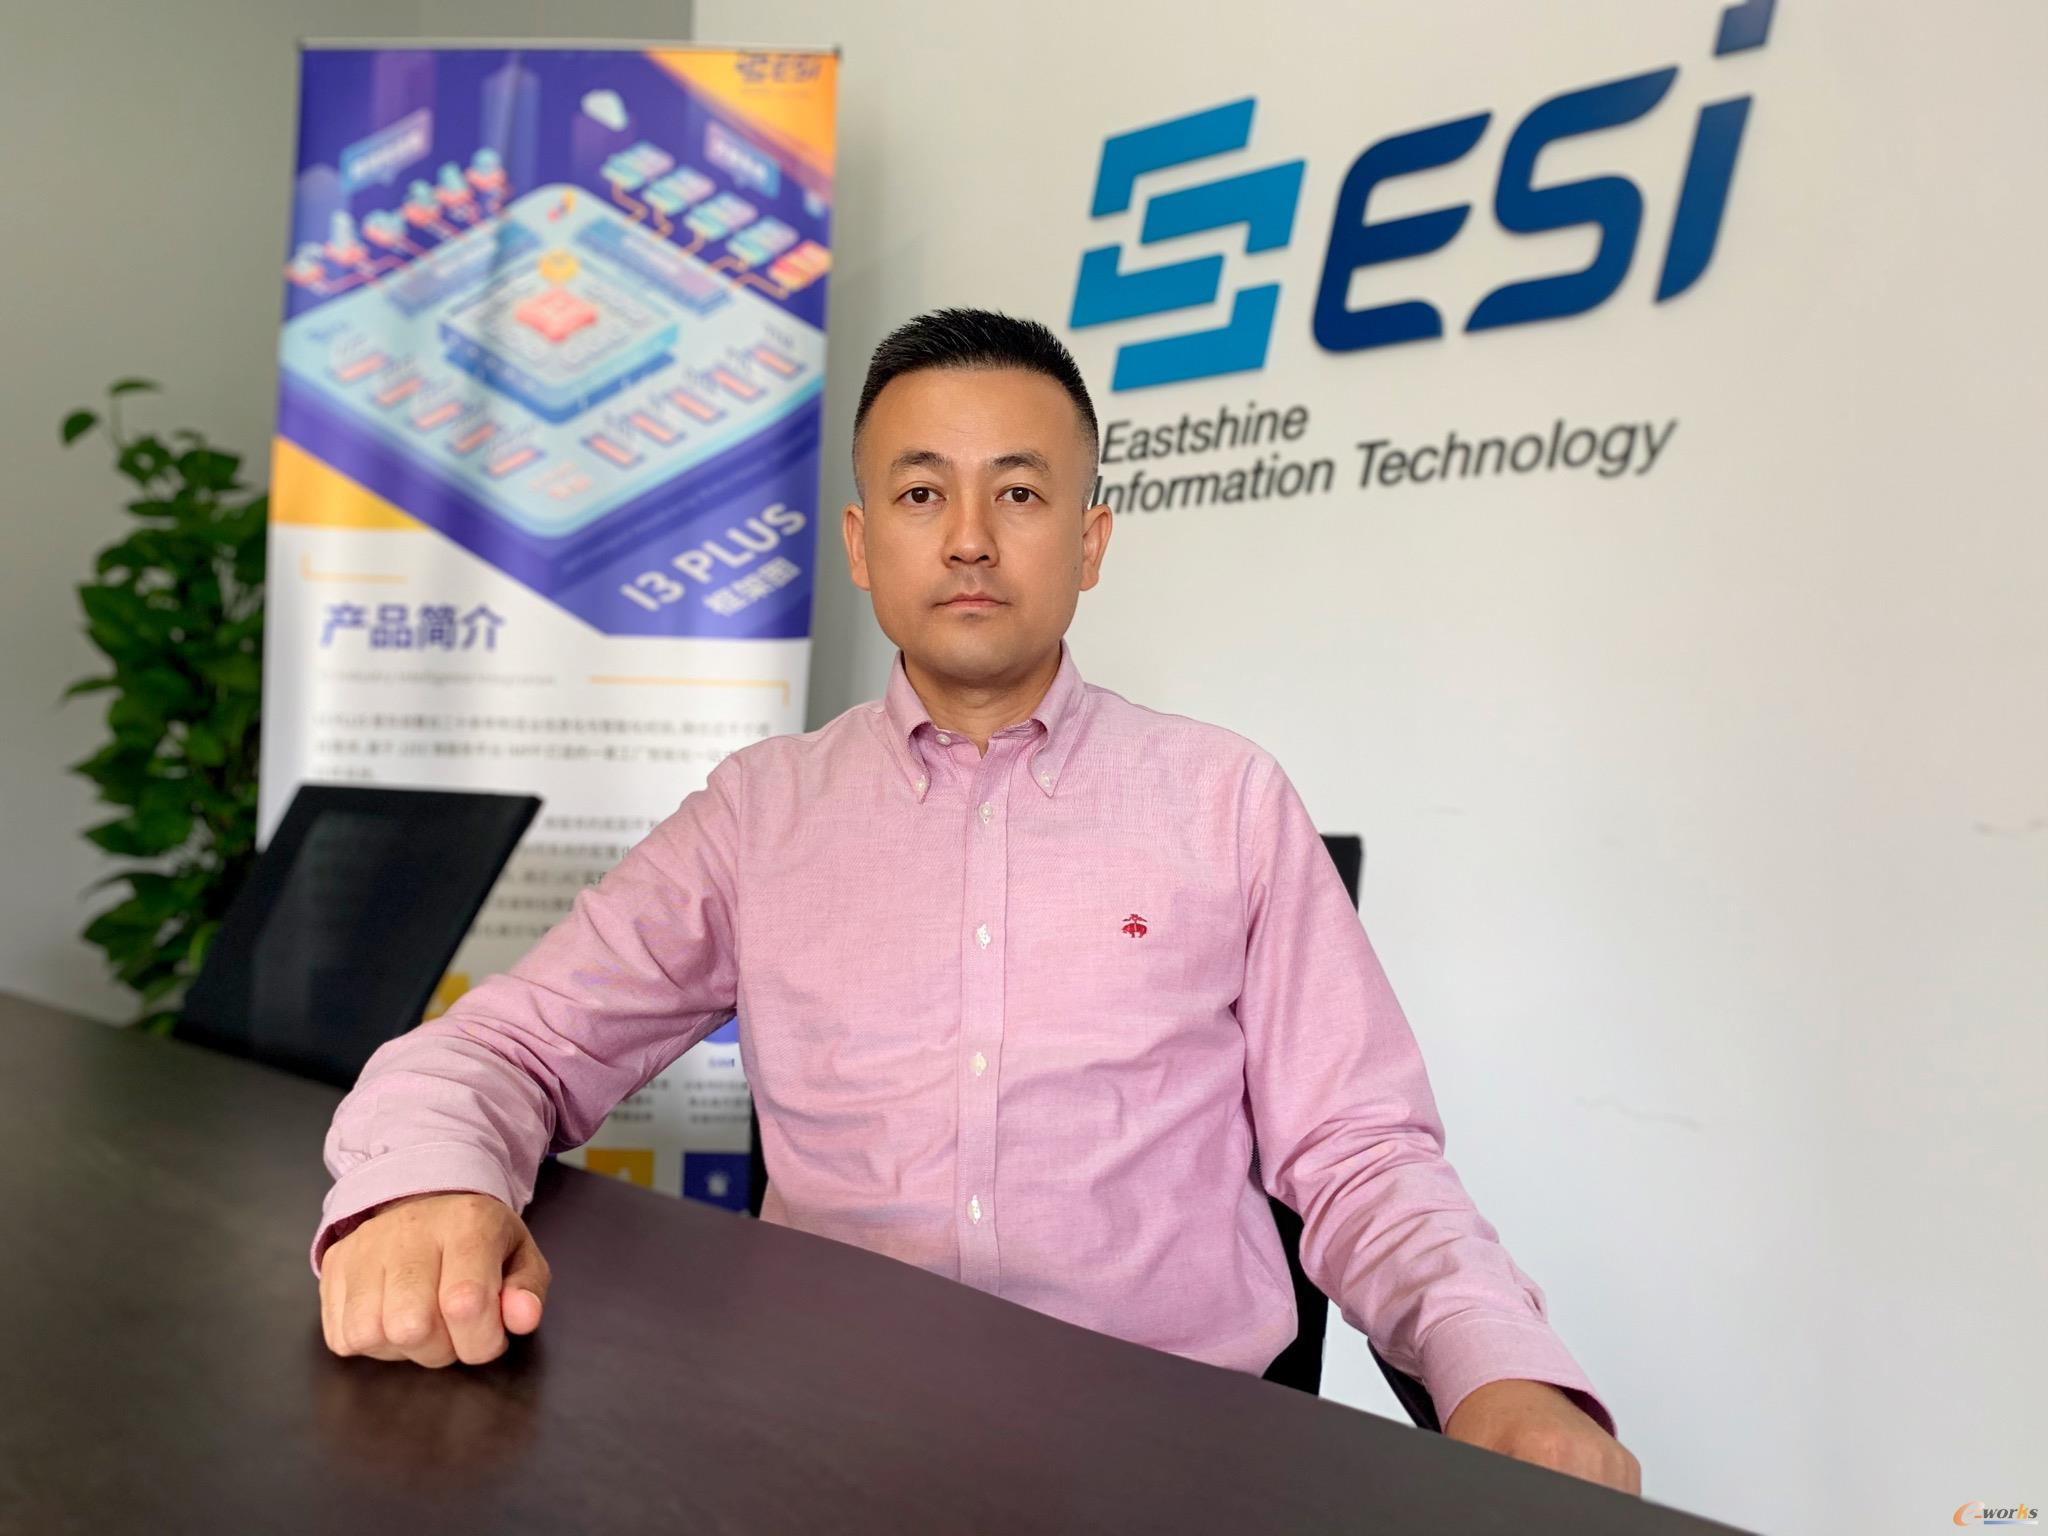 上海东尚信息科技股份有限公司董事长/总经理蒋振山